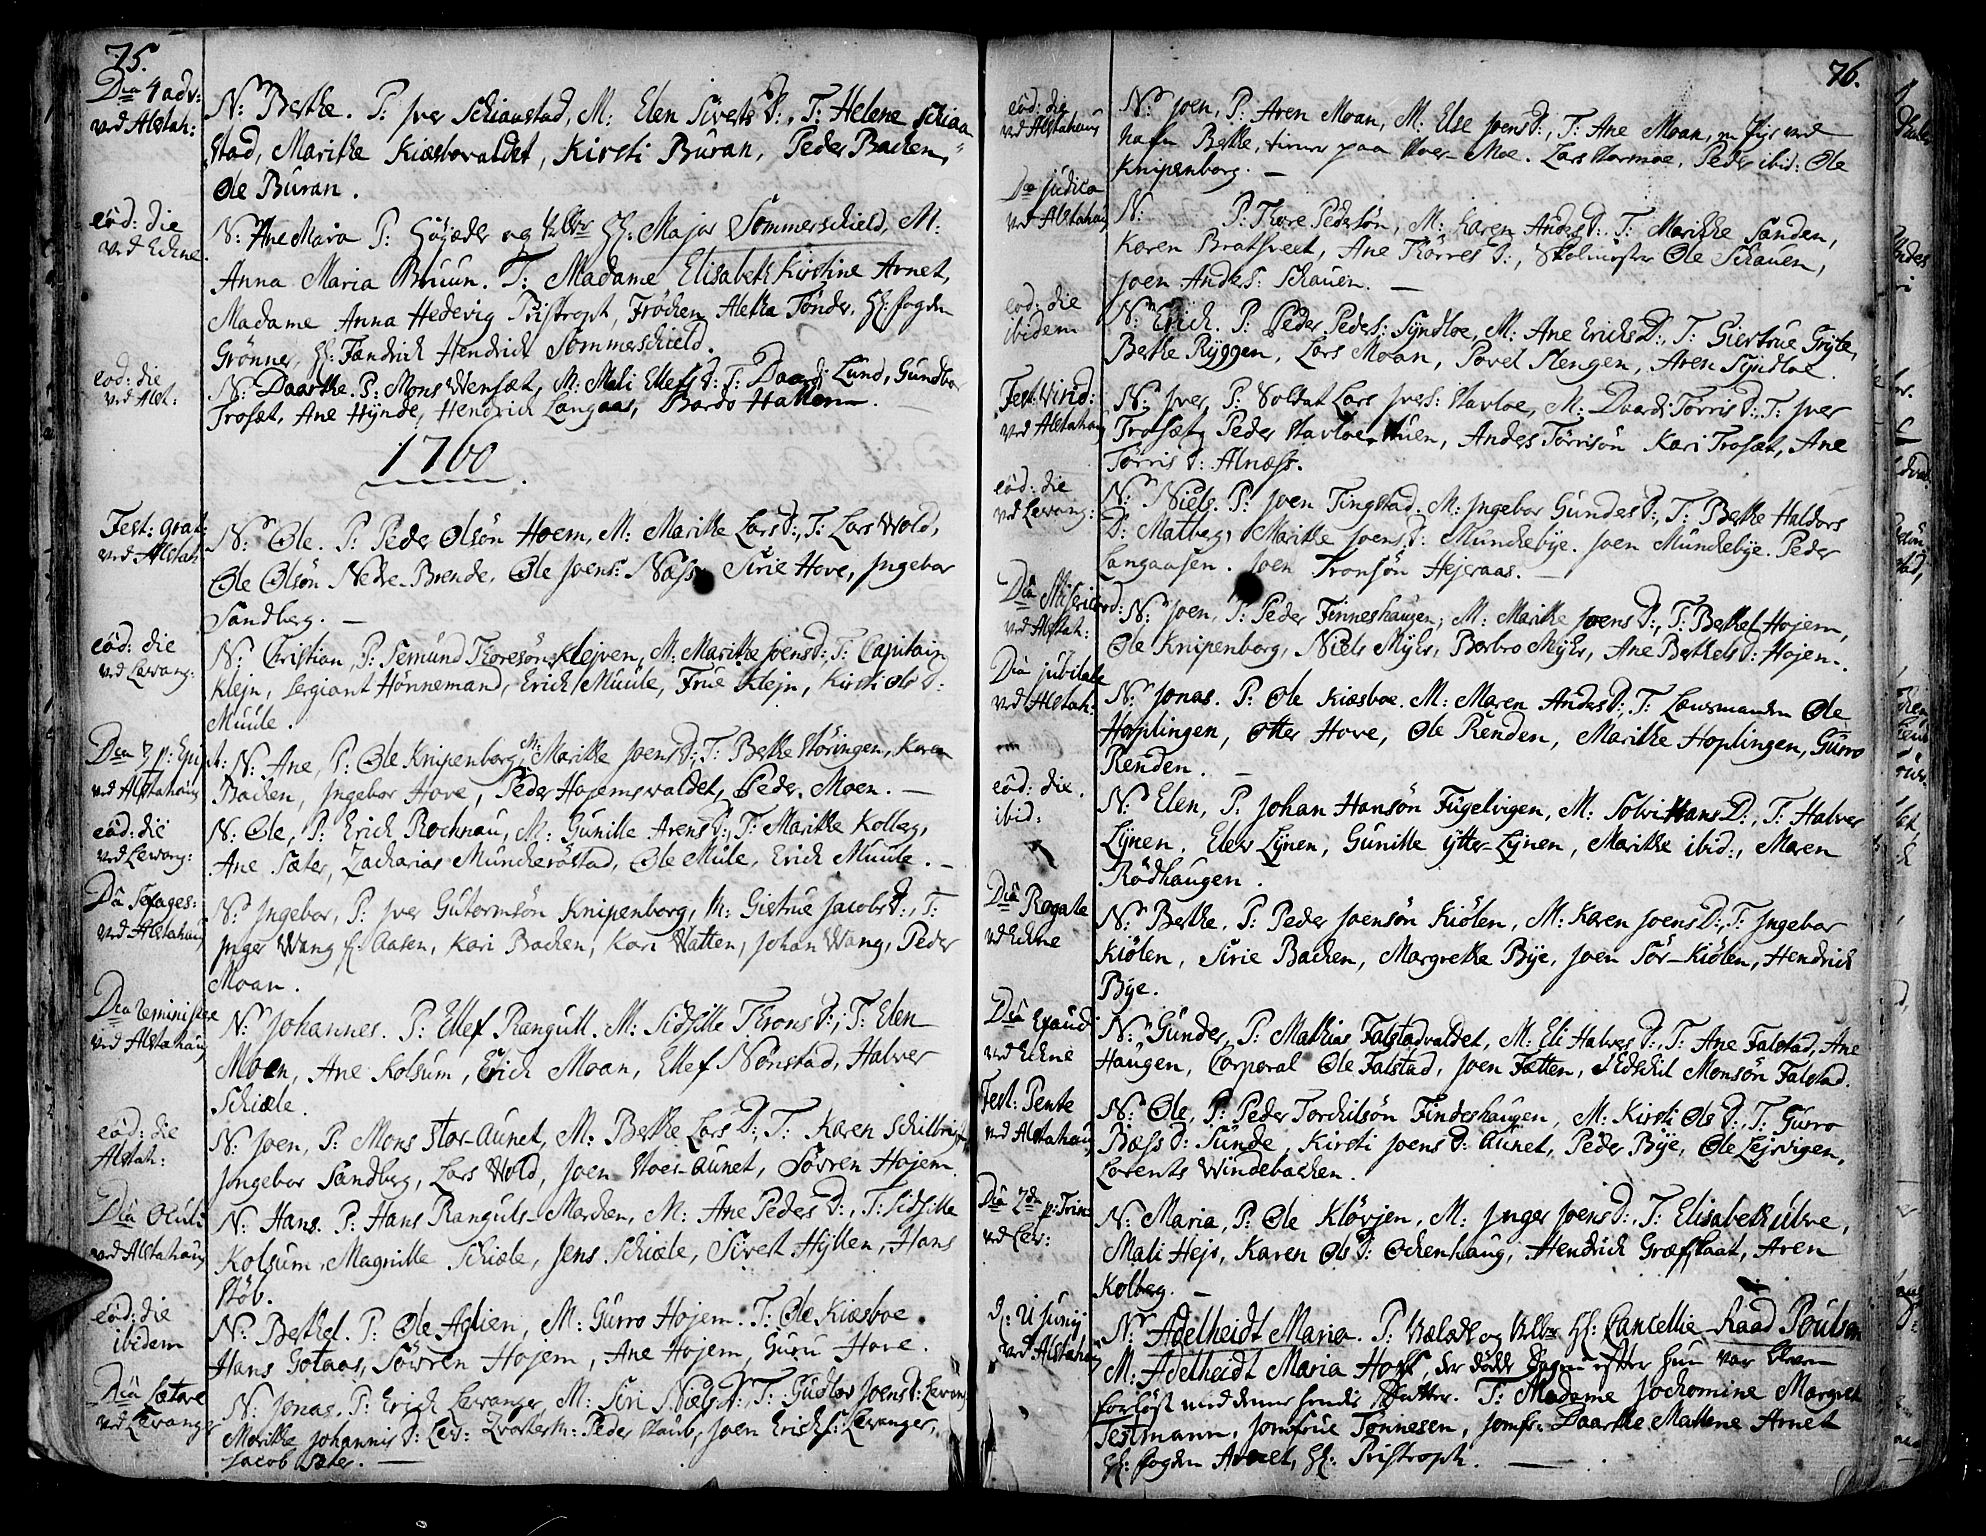 SAT, Ministerialprotokoller, klokkerbøker og fødselsregistre - Nord-Trøndelag, 717/L0141: Ministerialbok nr. 717A01, 1747-1803, s. 75-76